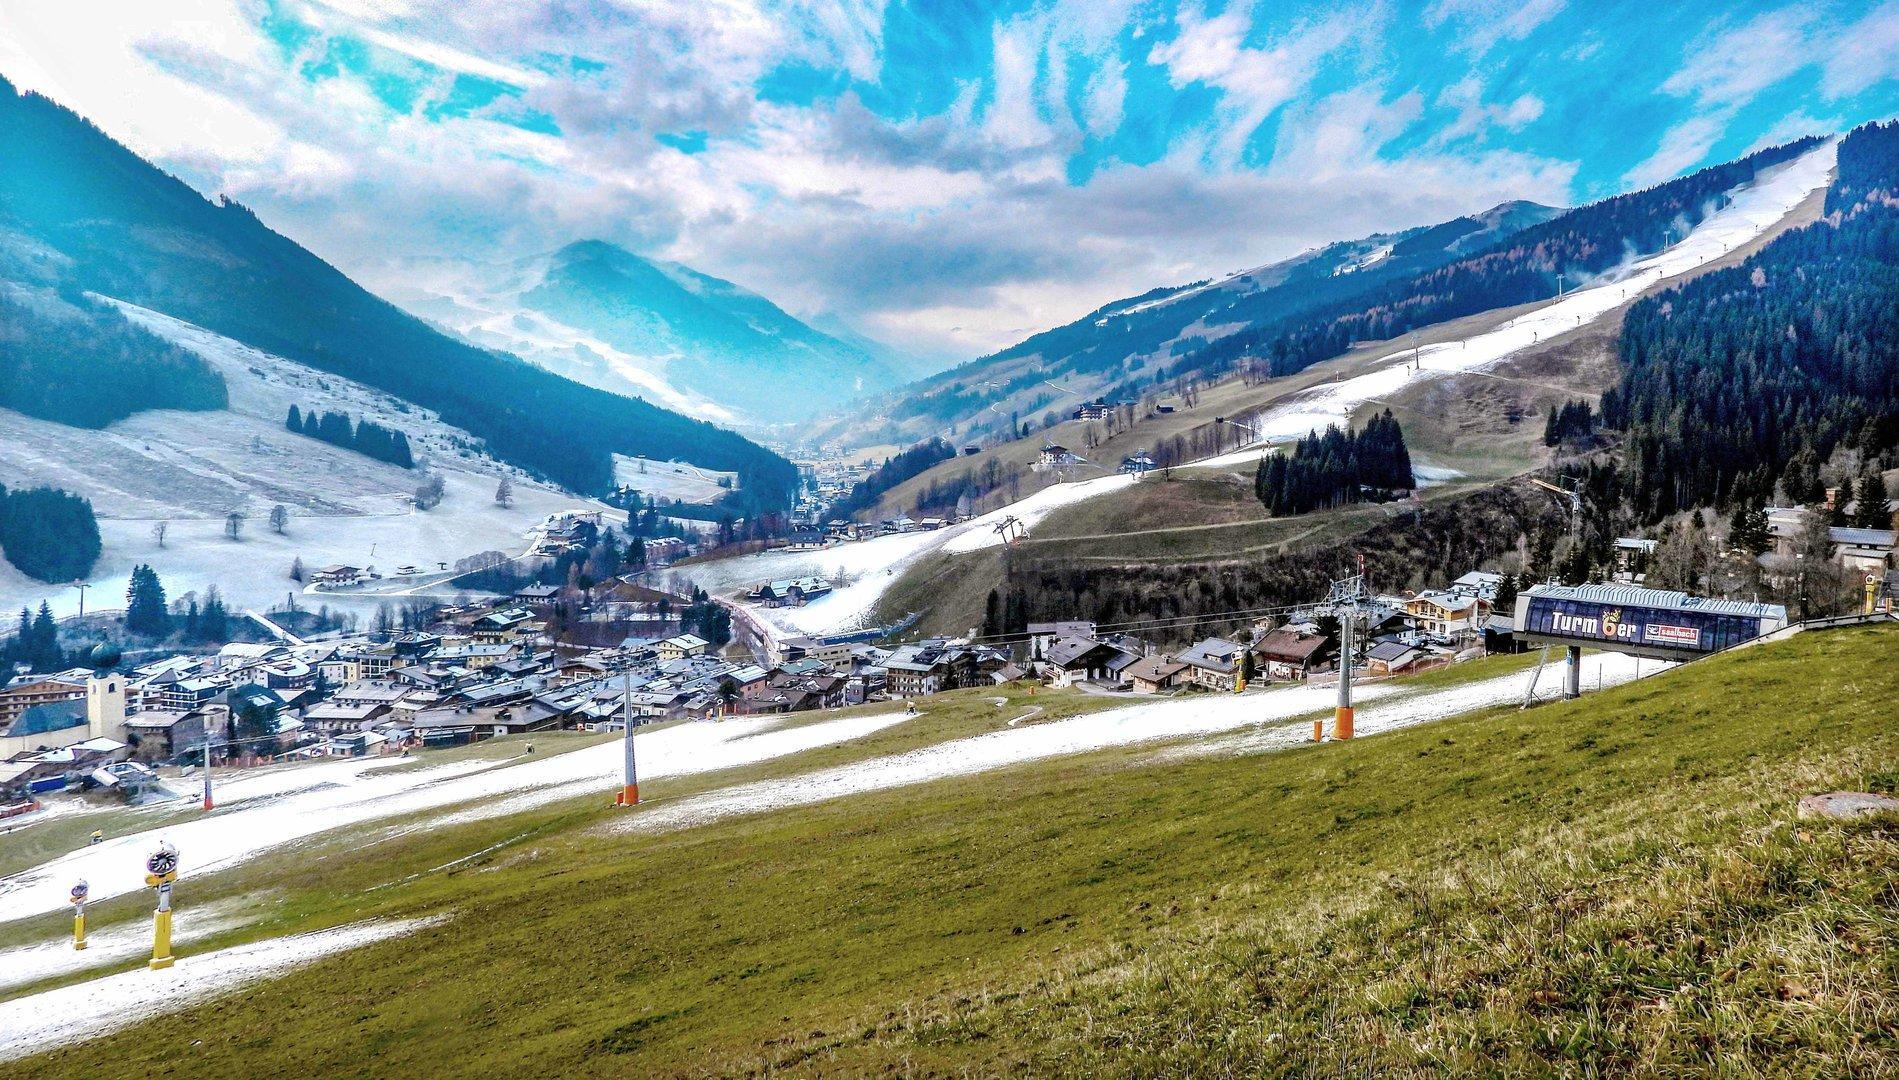 Das bringen die ersten Schneeflocken den Skigebieten